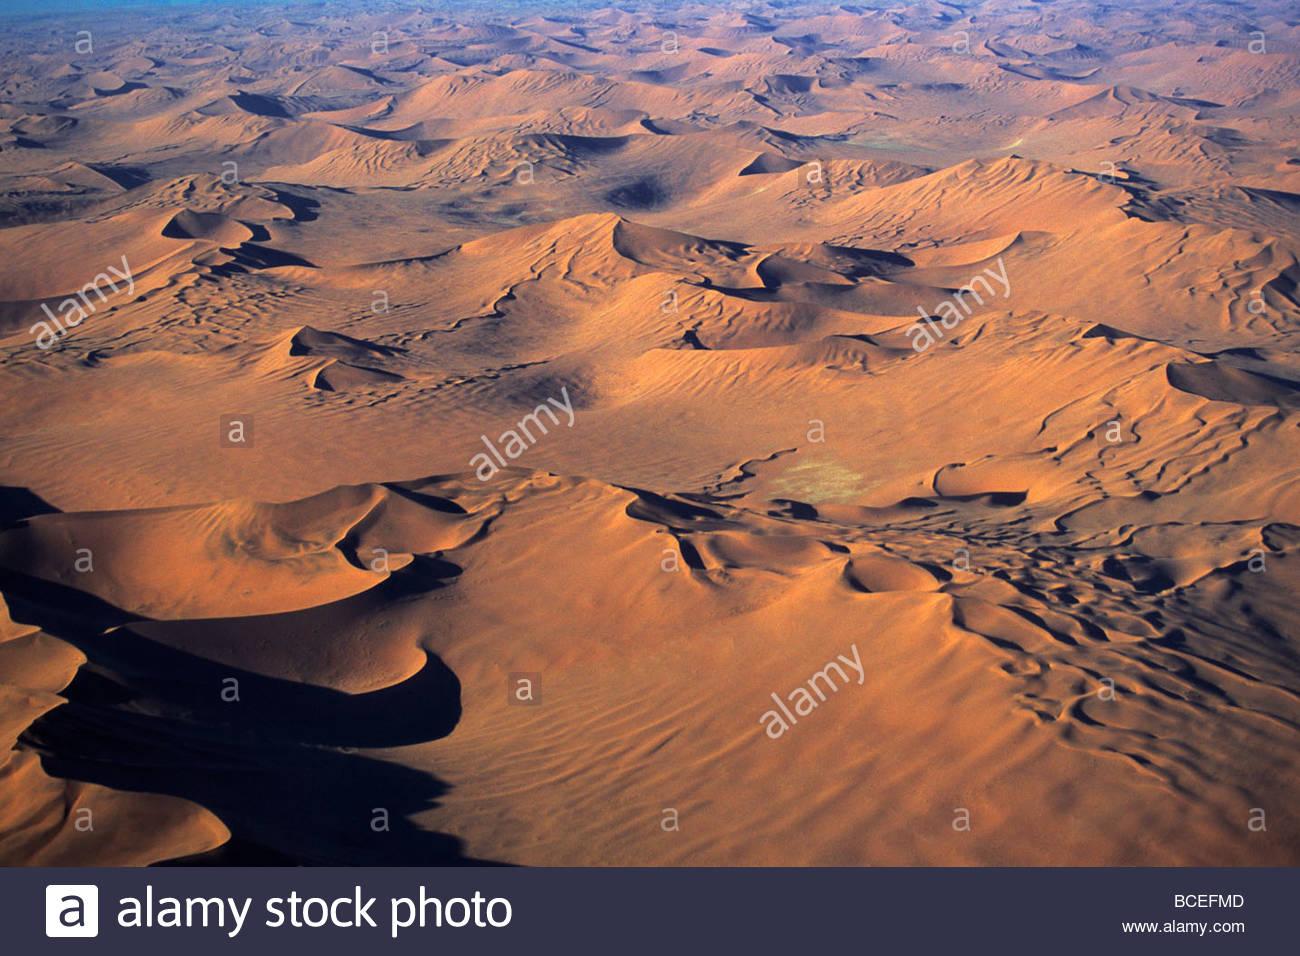 Una vista aérea del desierto de Namibia. Foto de stock